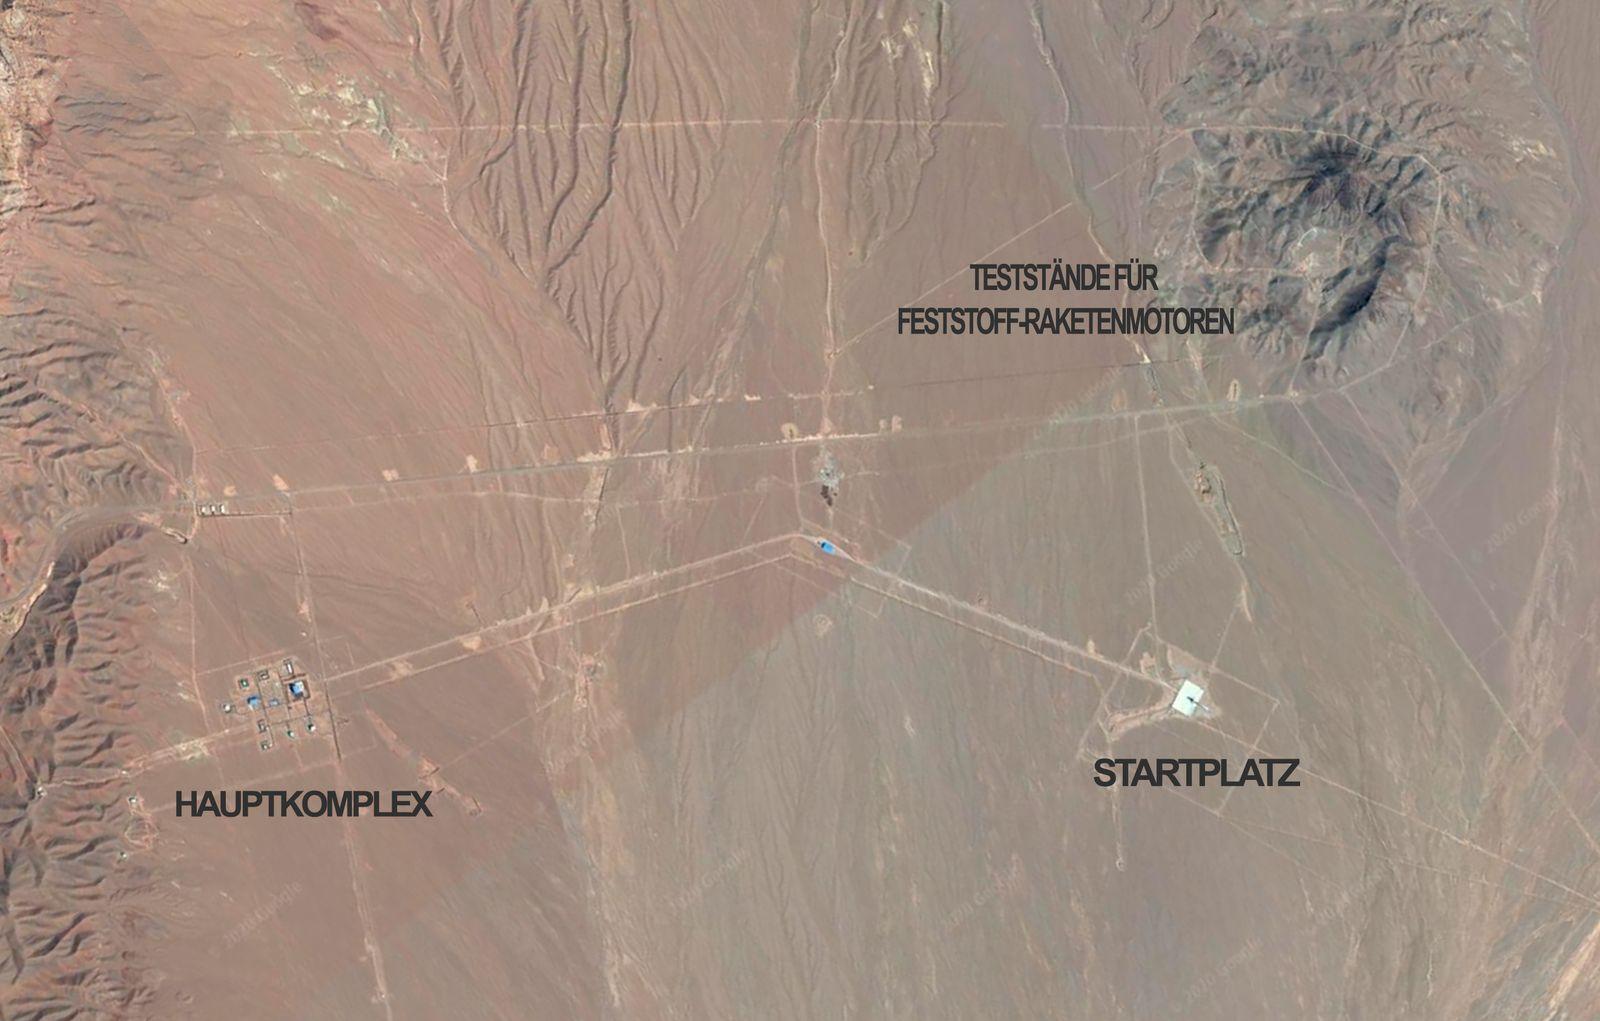 Iranischer Raketenstart - Iran Facility 25